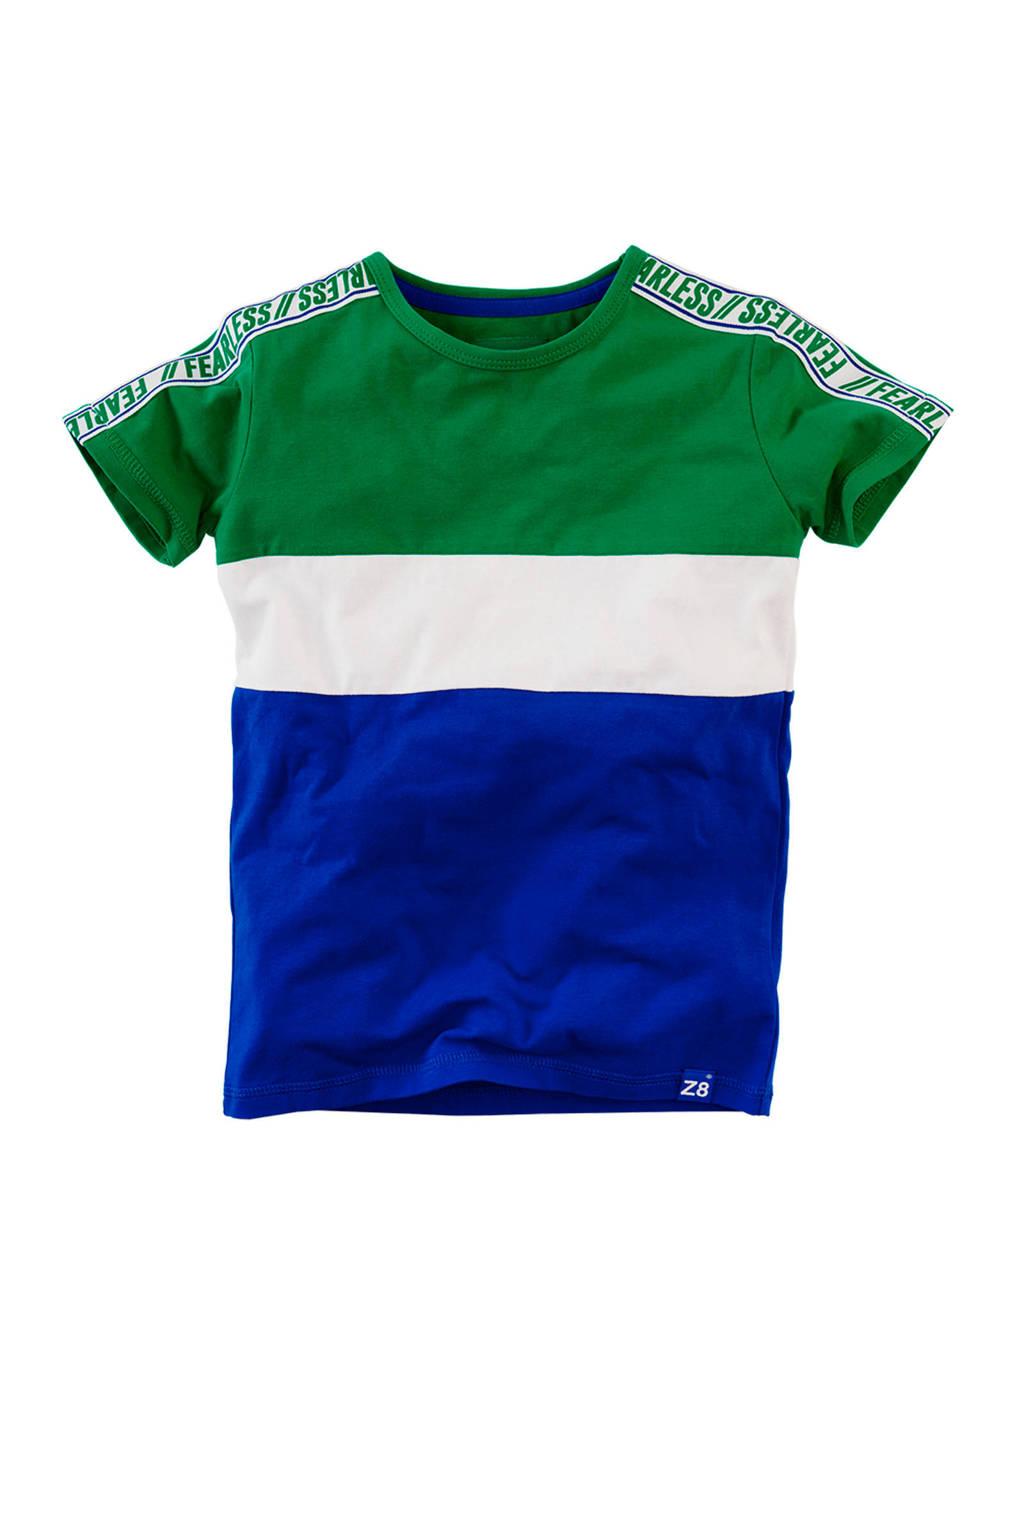 Z8 T-shirt Juup met contrastbies groen/wit/blauw, Groen/wit/blauw